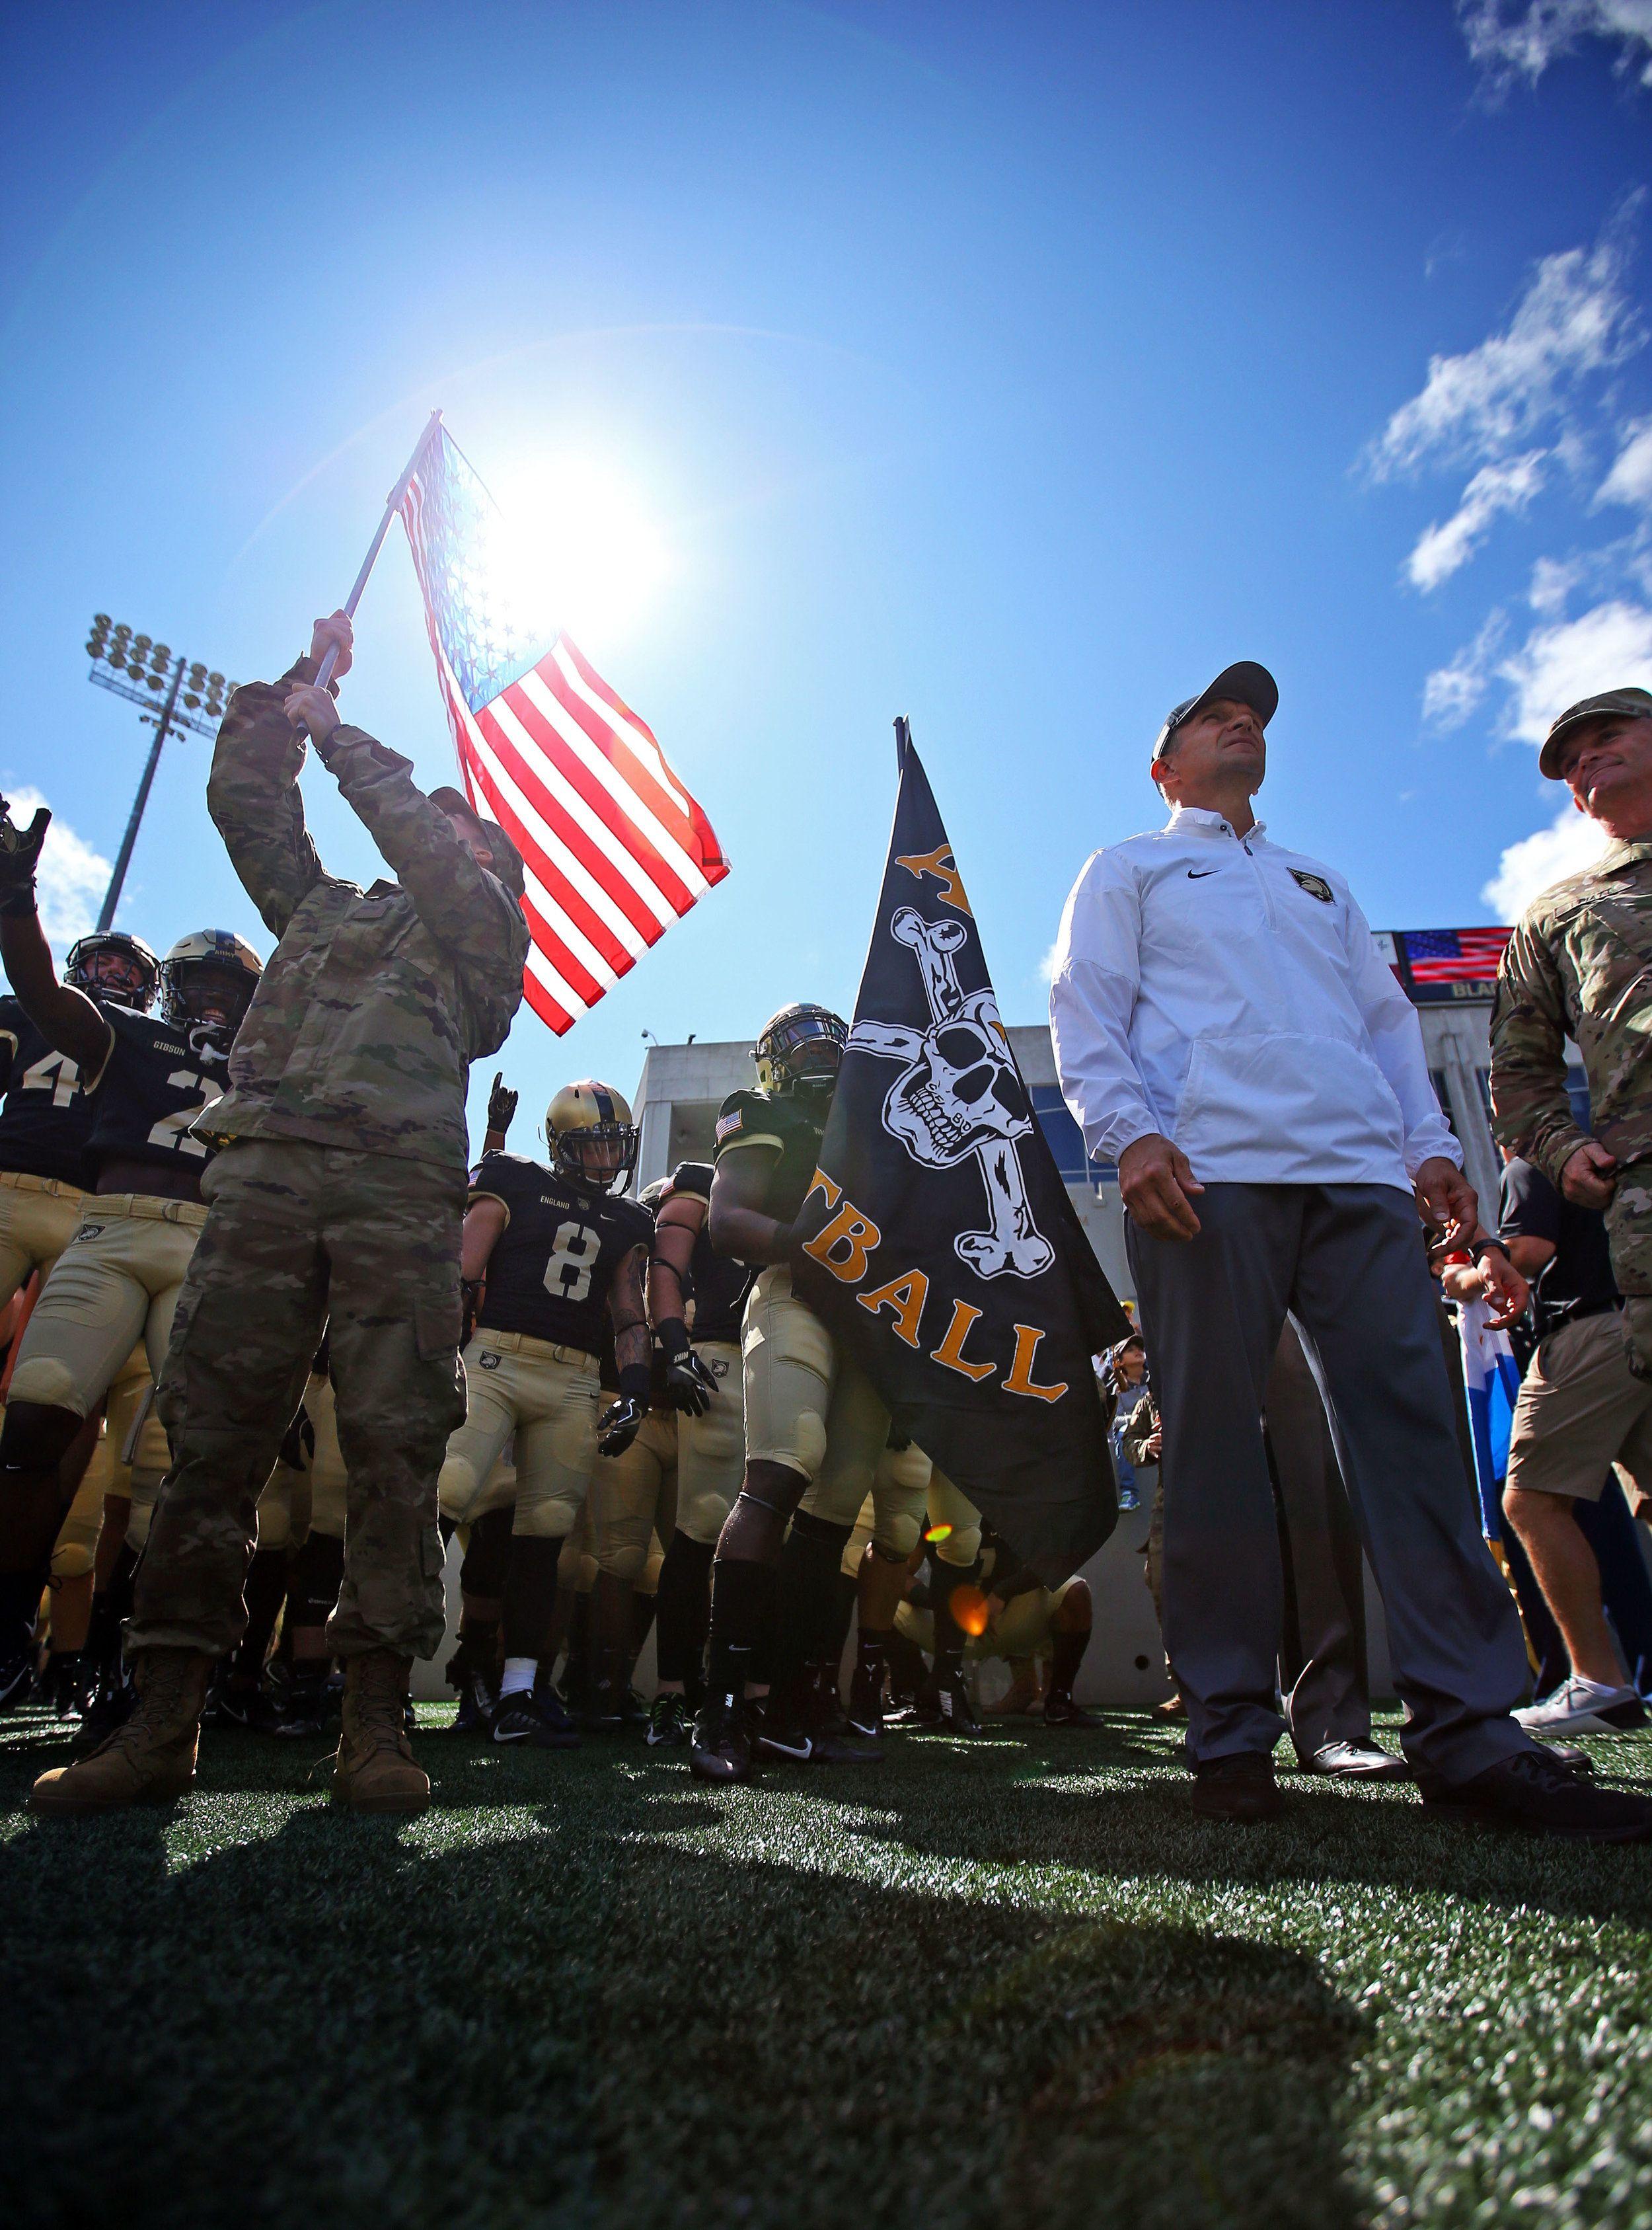 ArmyFootballSchedule.jpg Army football, West point, Army